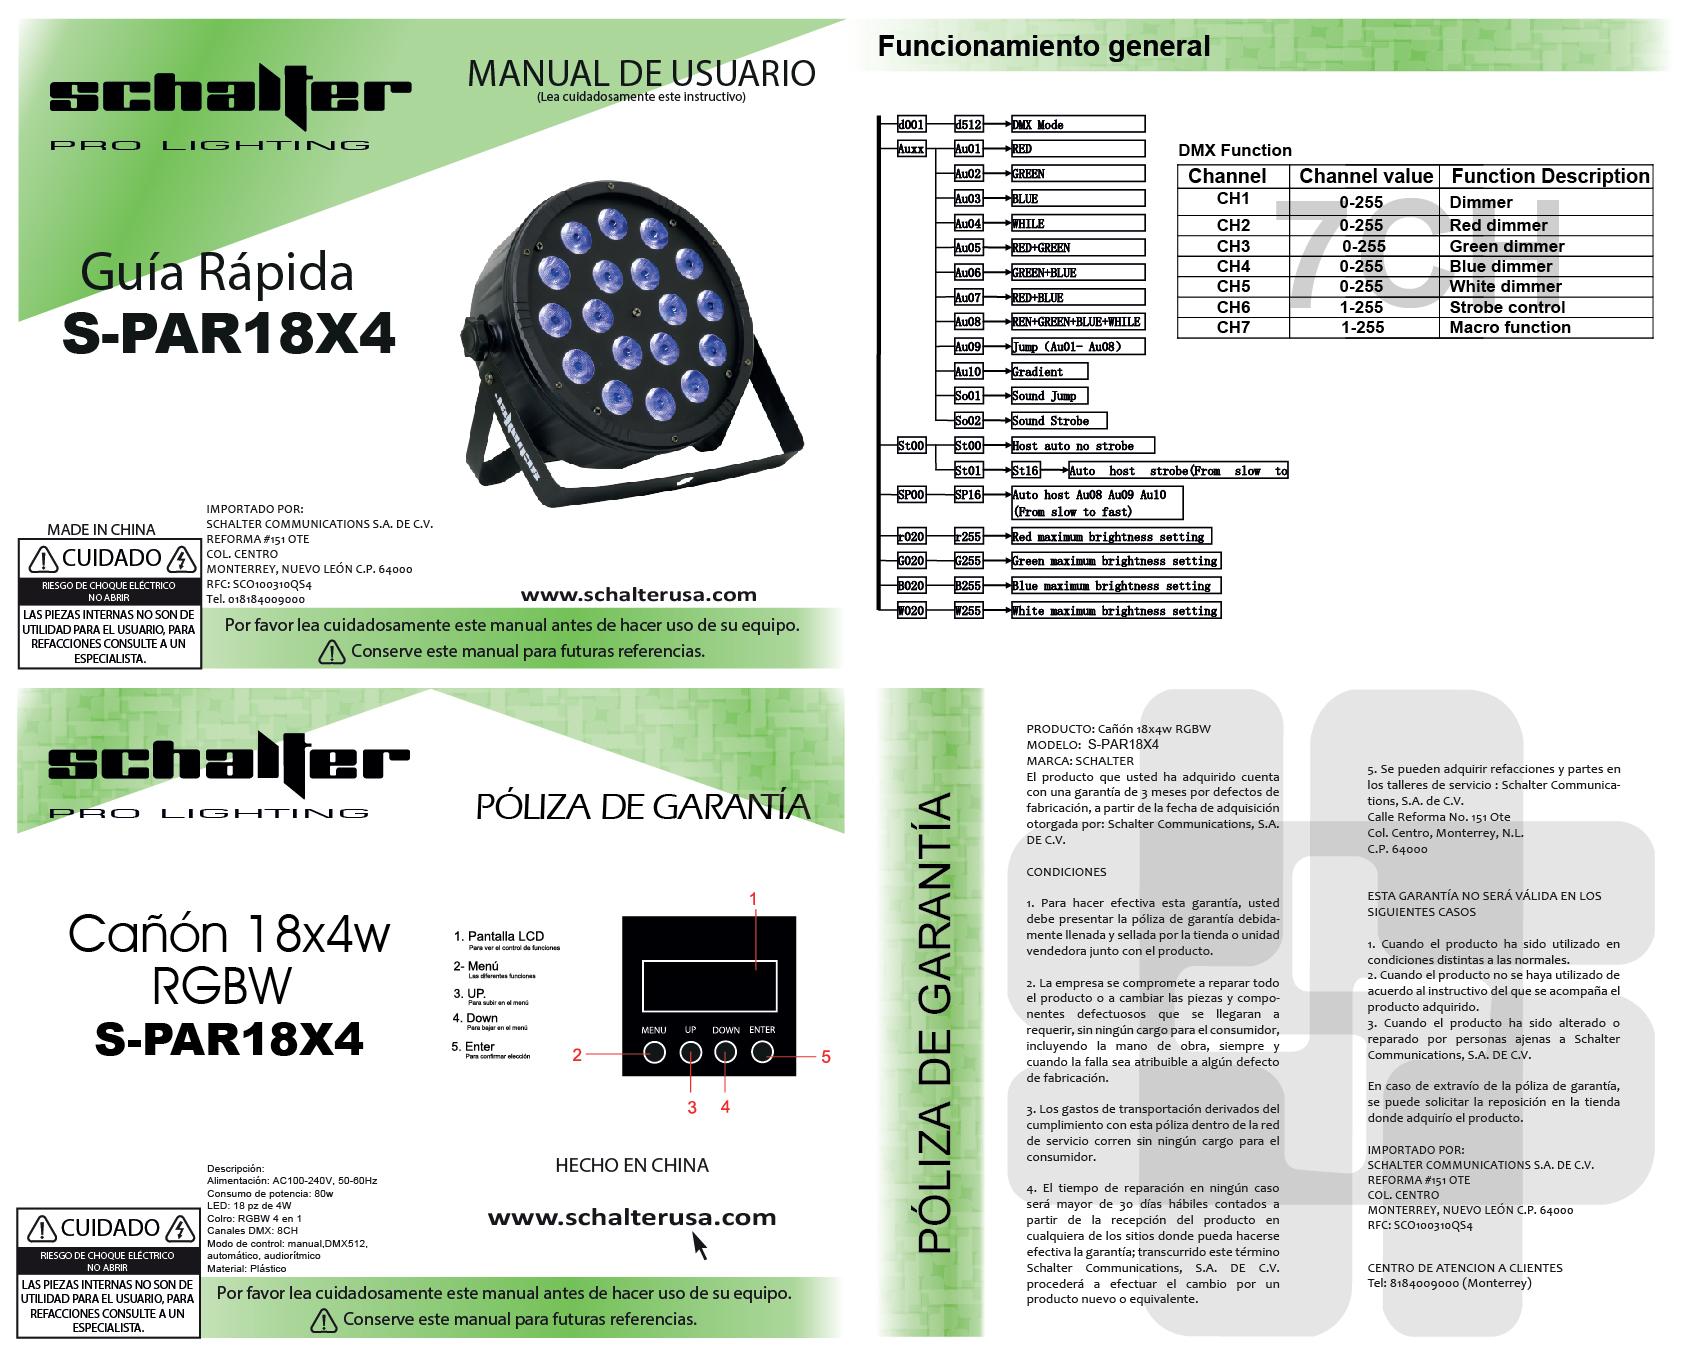 S-PAR18X4 MANUAL-01